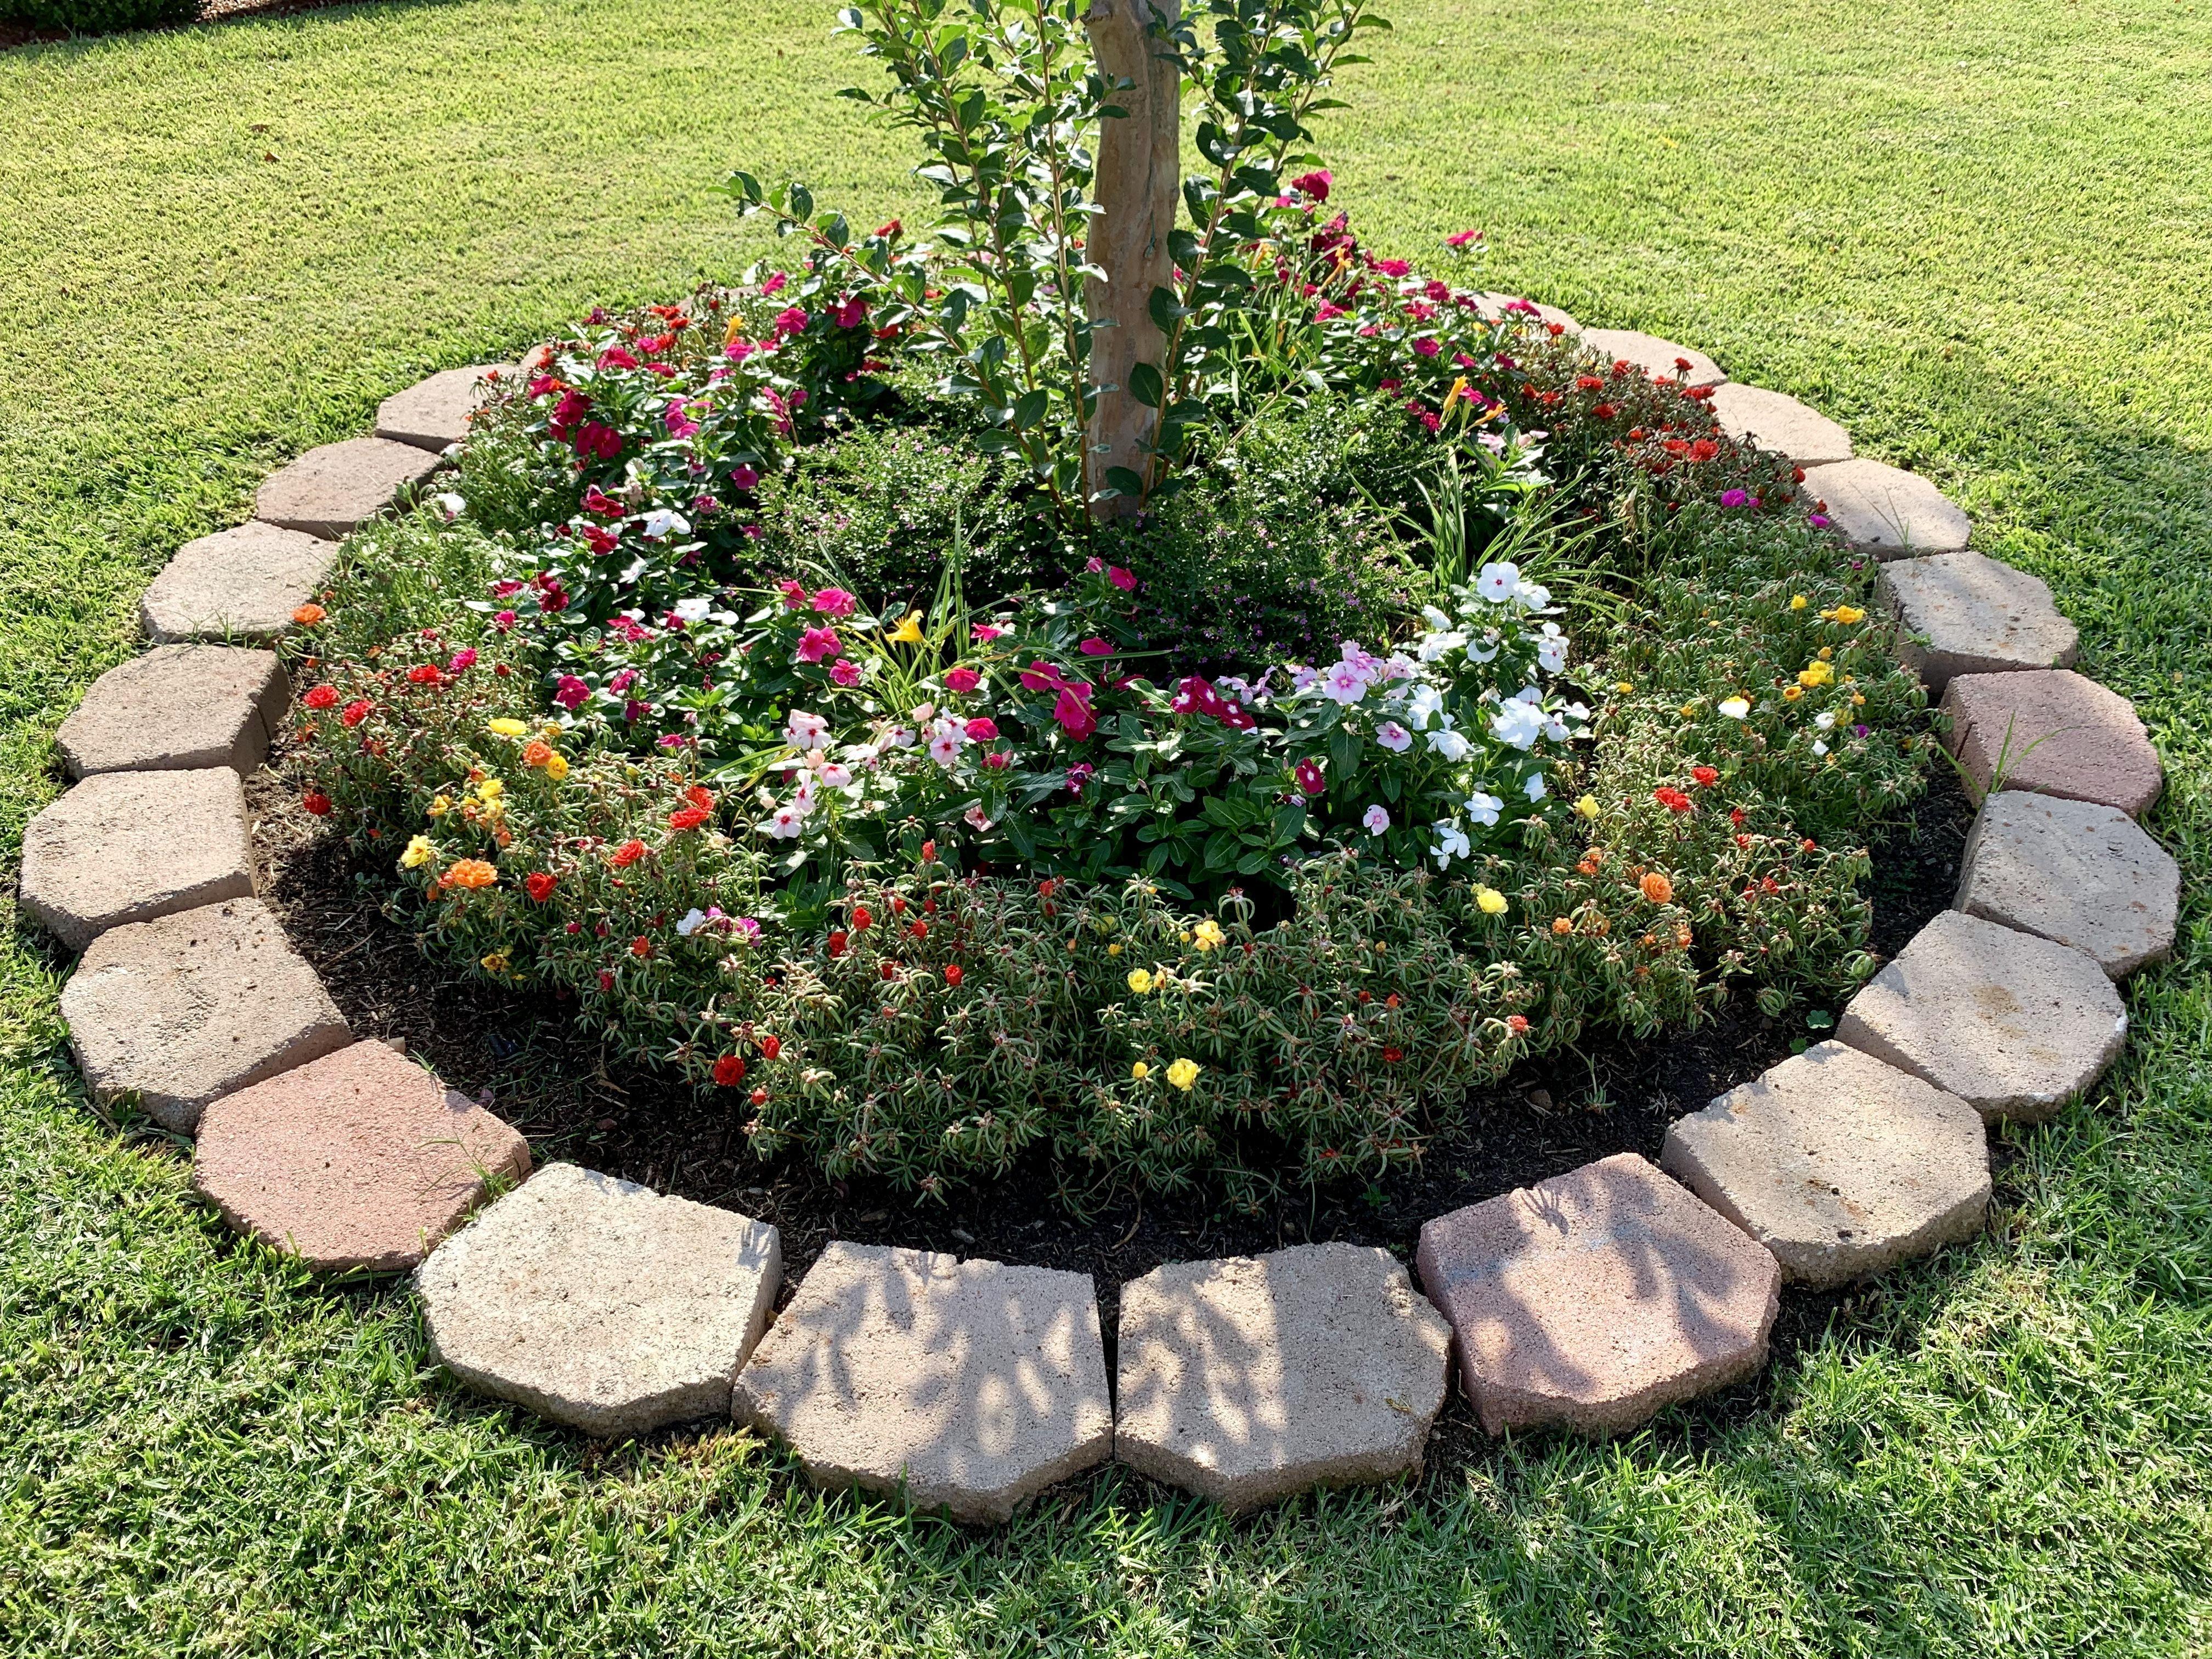 #gartendesign in 2020 | Stone flower beds, Garden ideas ...